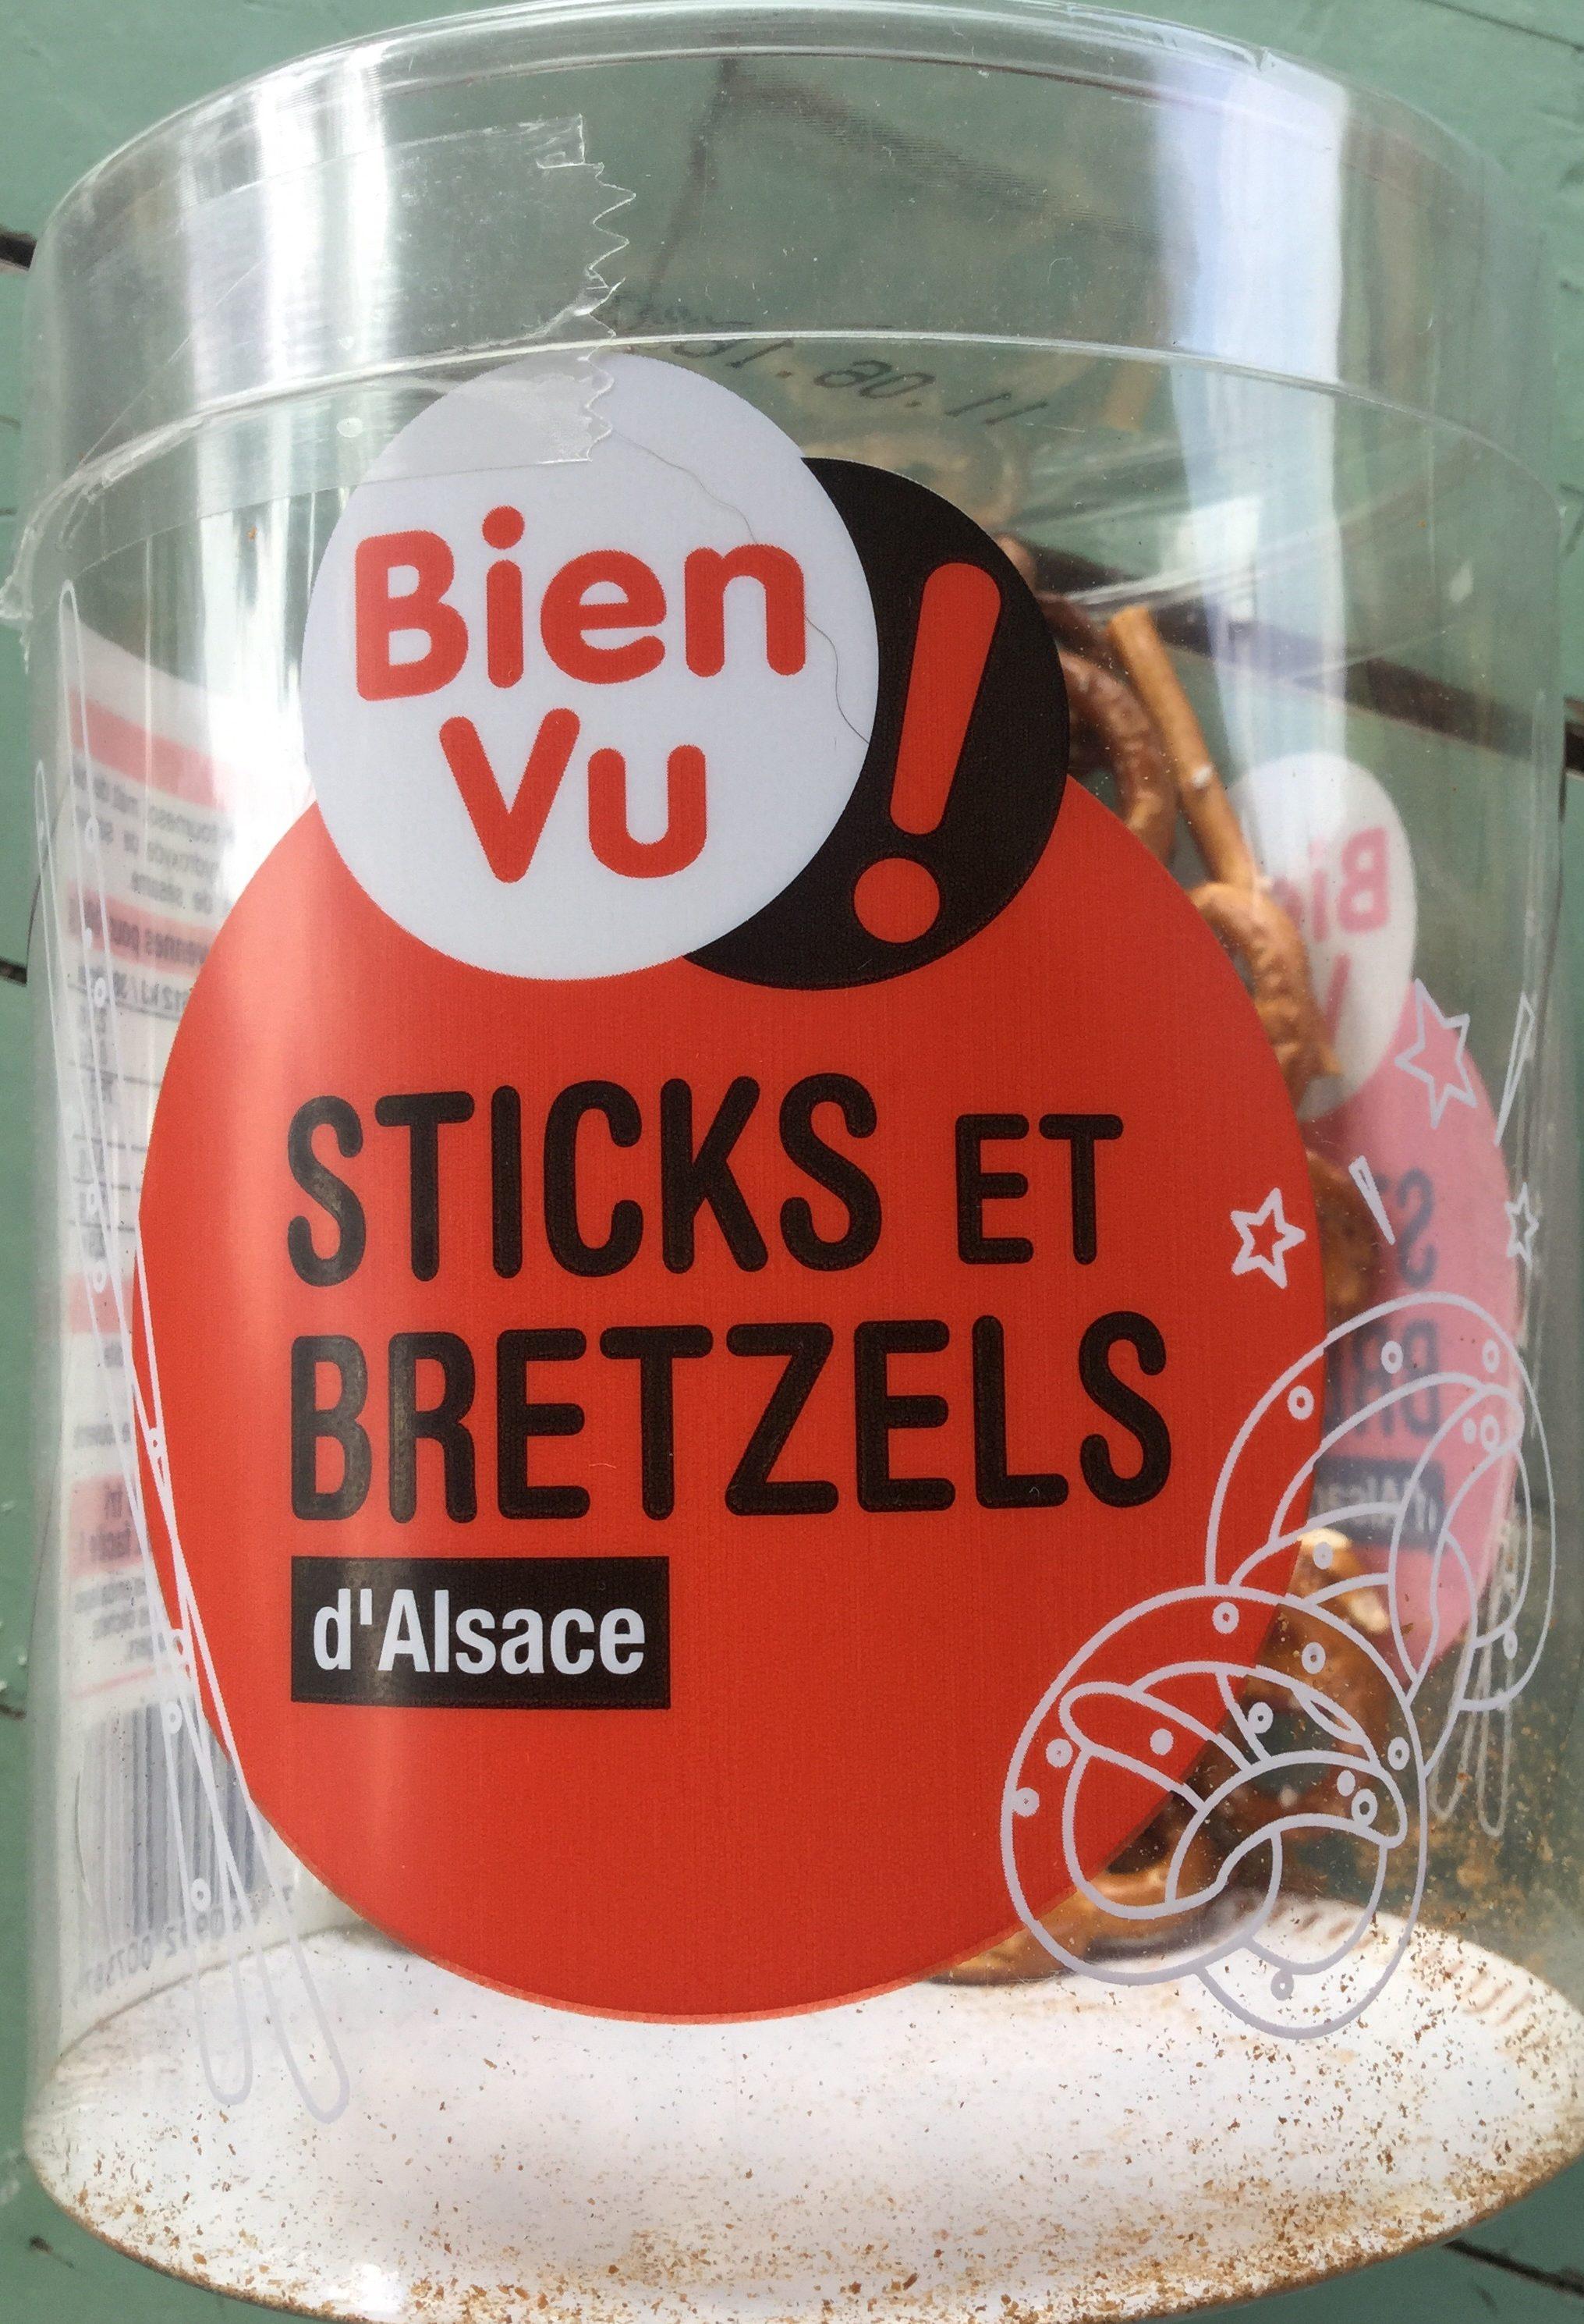 Sticks et bretzels d'Alsace - Produit - fr